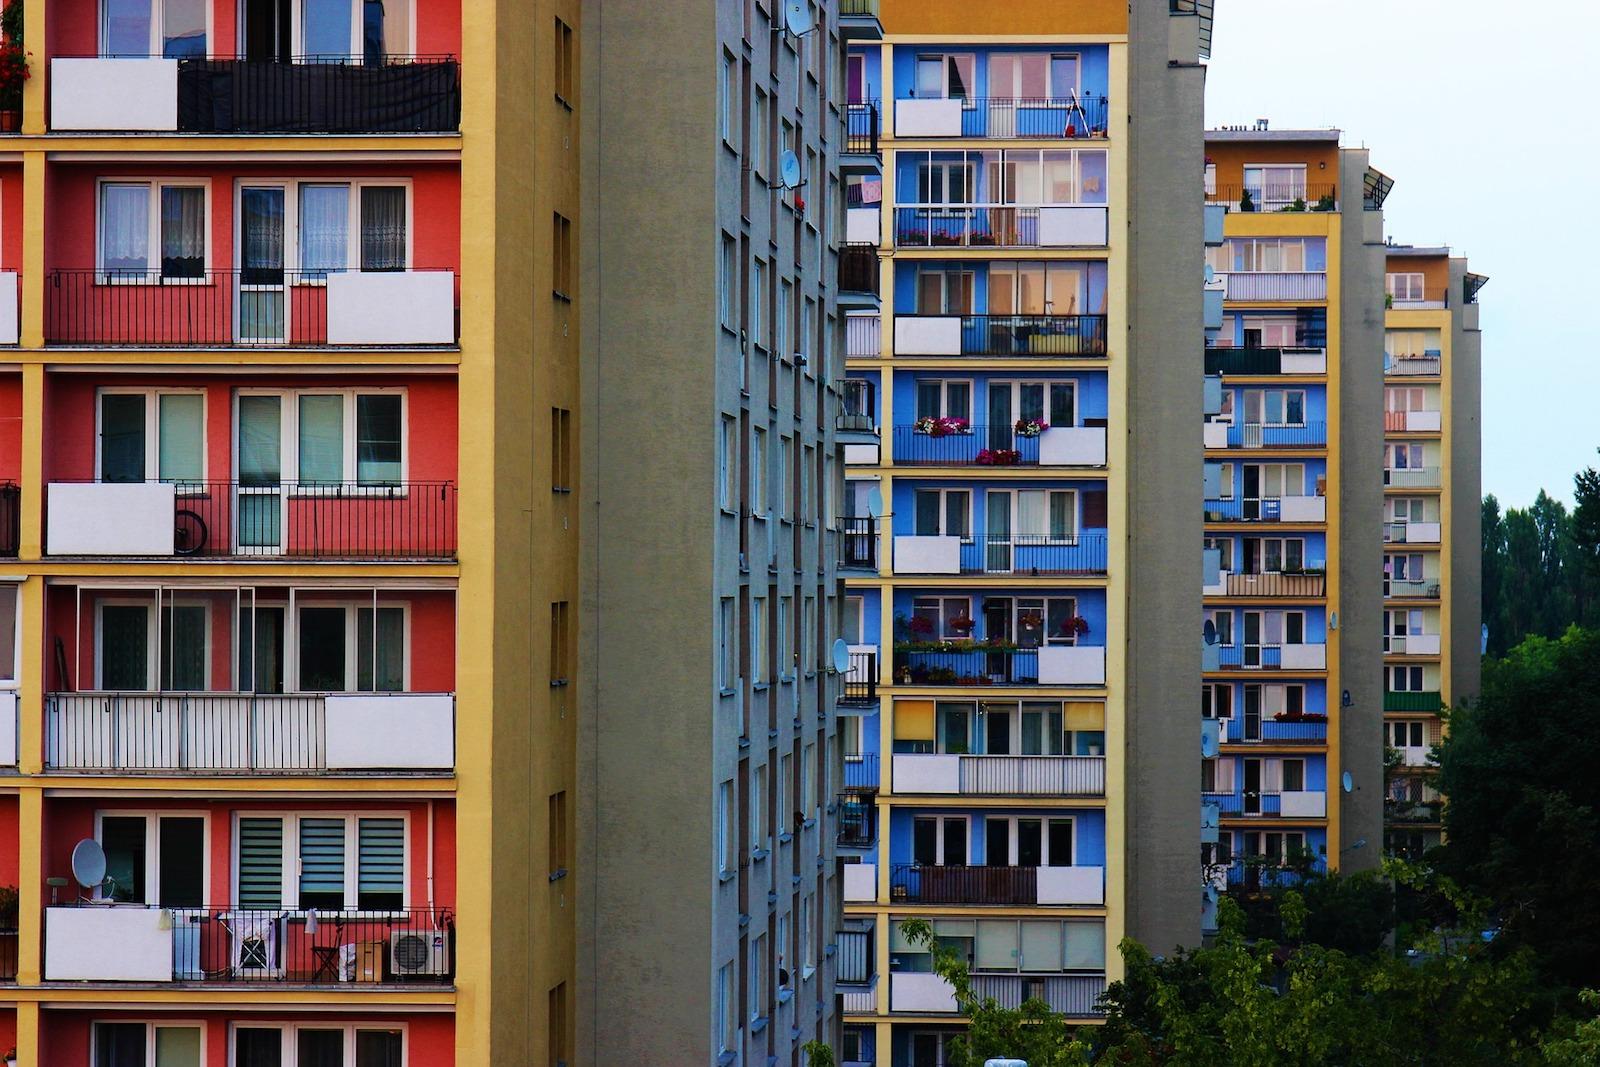 Mieszkanie z przetargu – jak tanio kupić nieruchomość